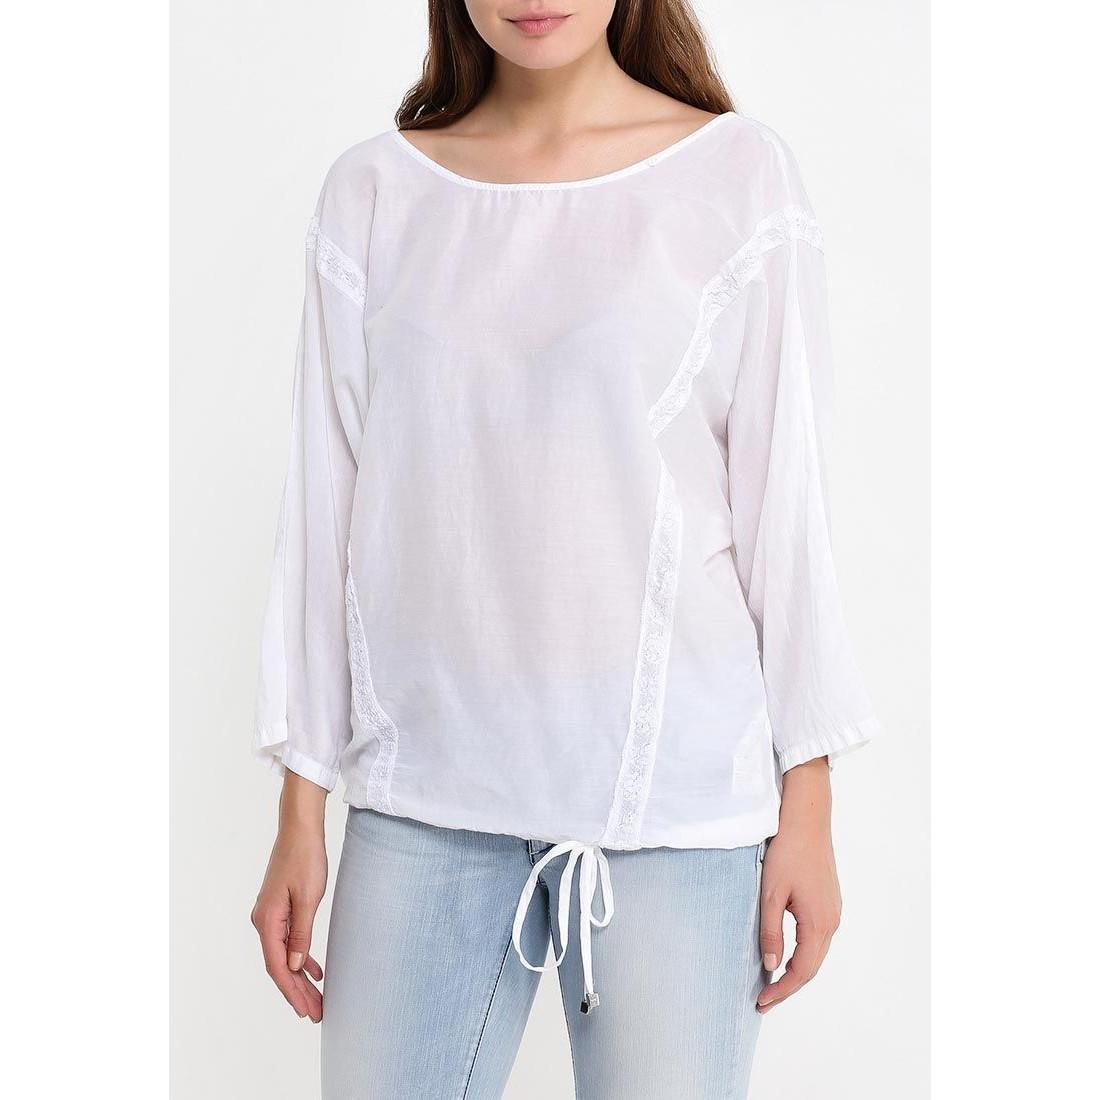 Купить Блузку Для Женщин С Доставкой